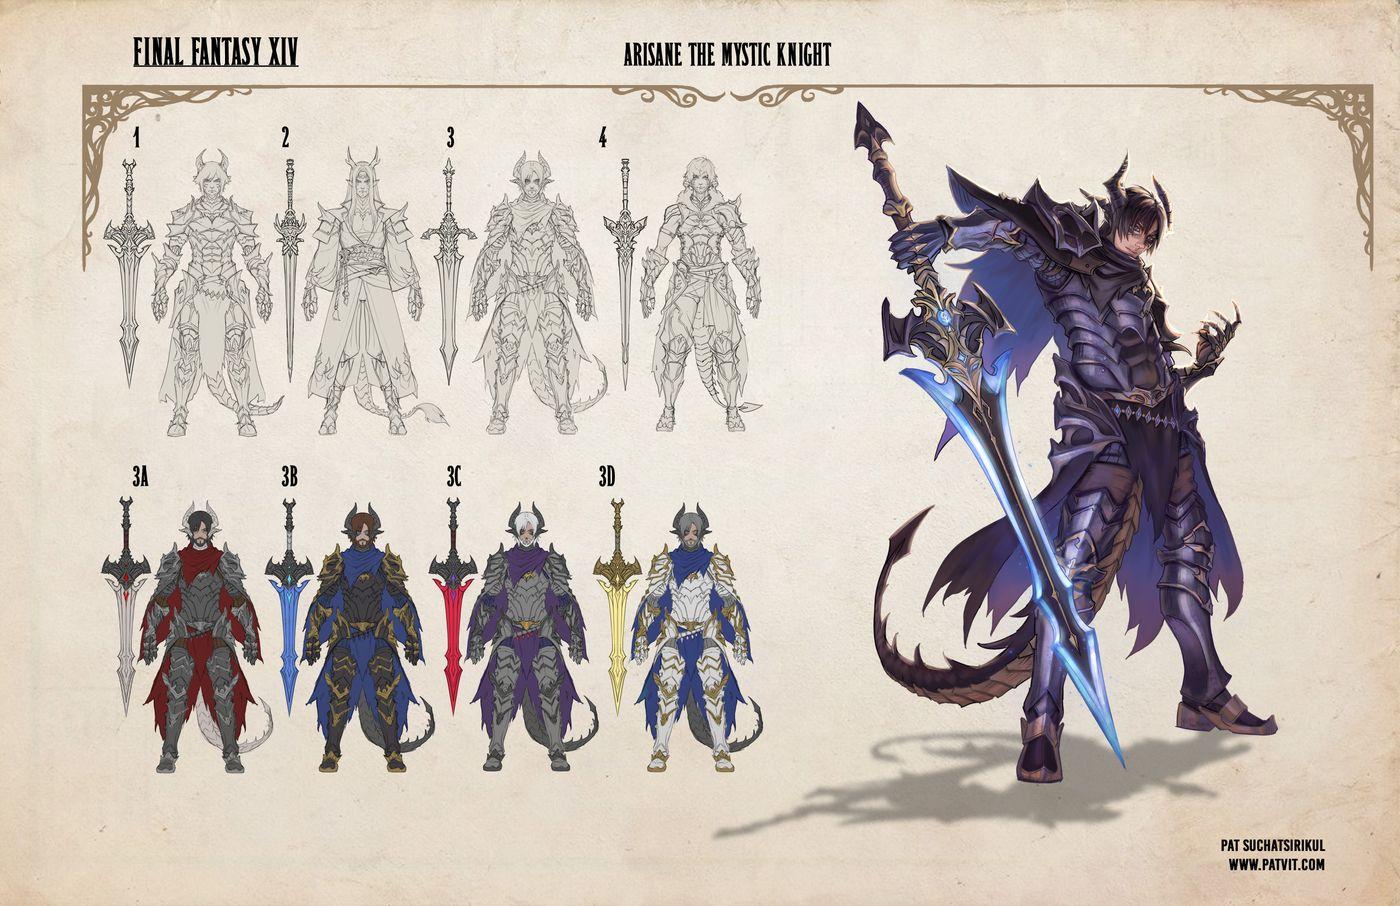 Suchatsirikul Pat Final Page7 Final Fantasy Xiv Hero Sexy Patvit